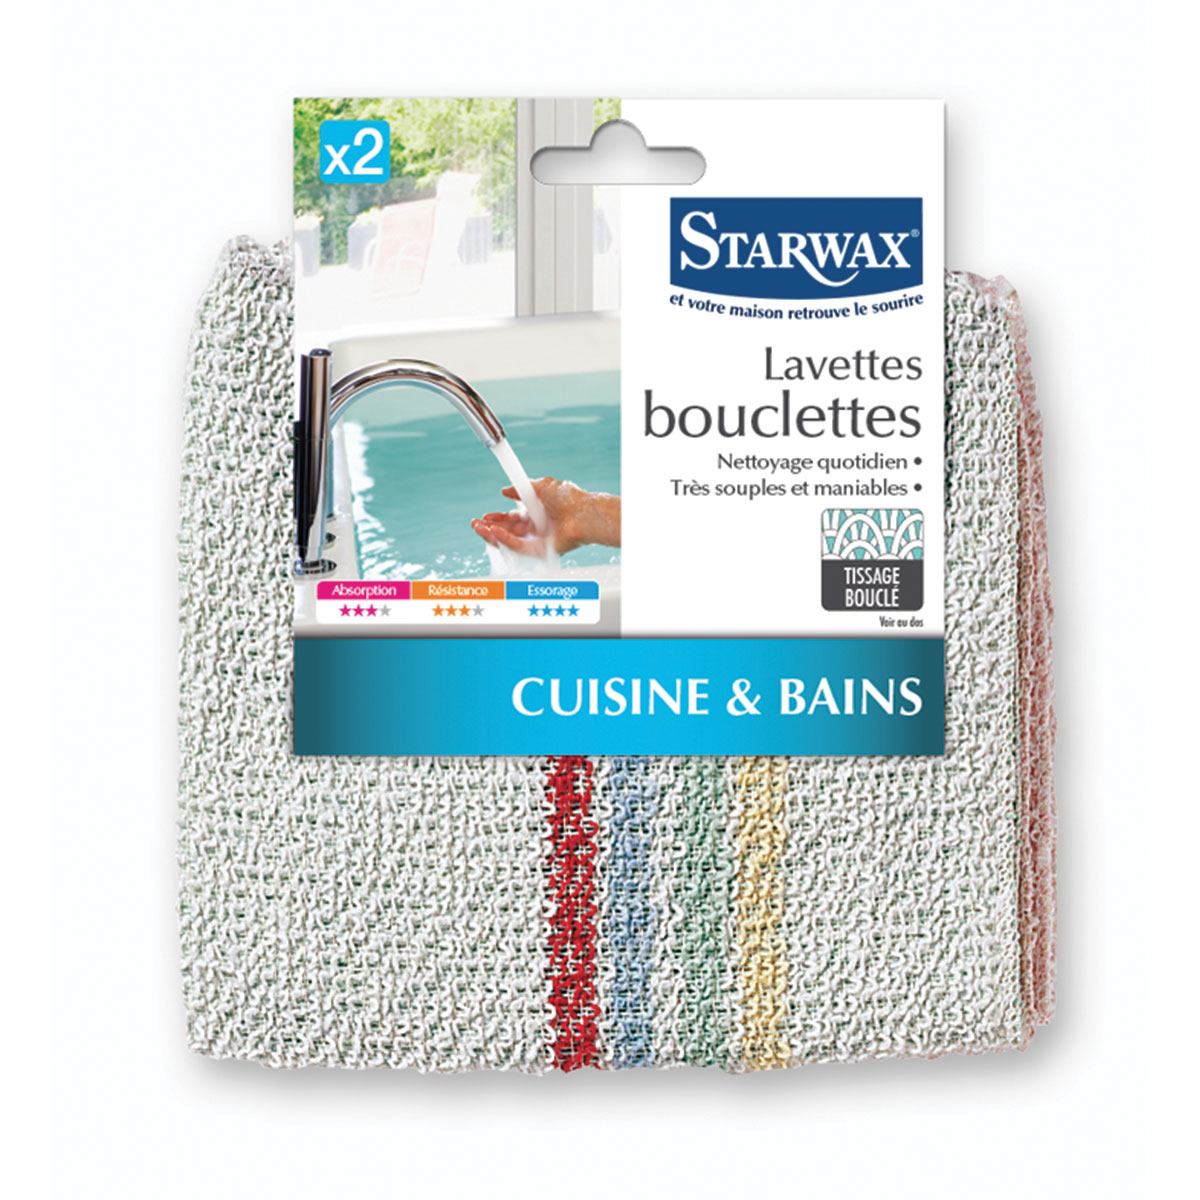 Lavette bouclettes pour cuisine et salle de bain - Starwax